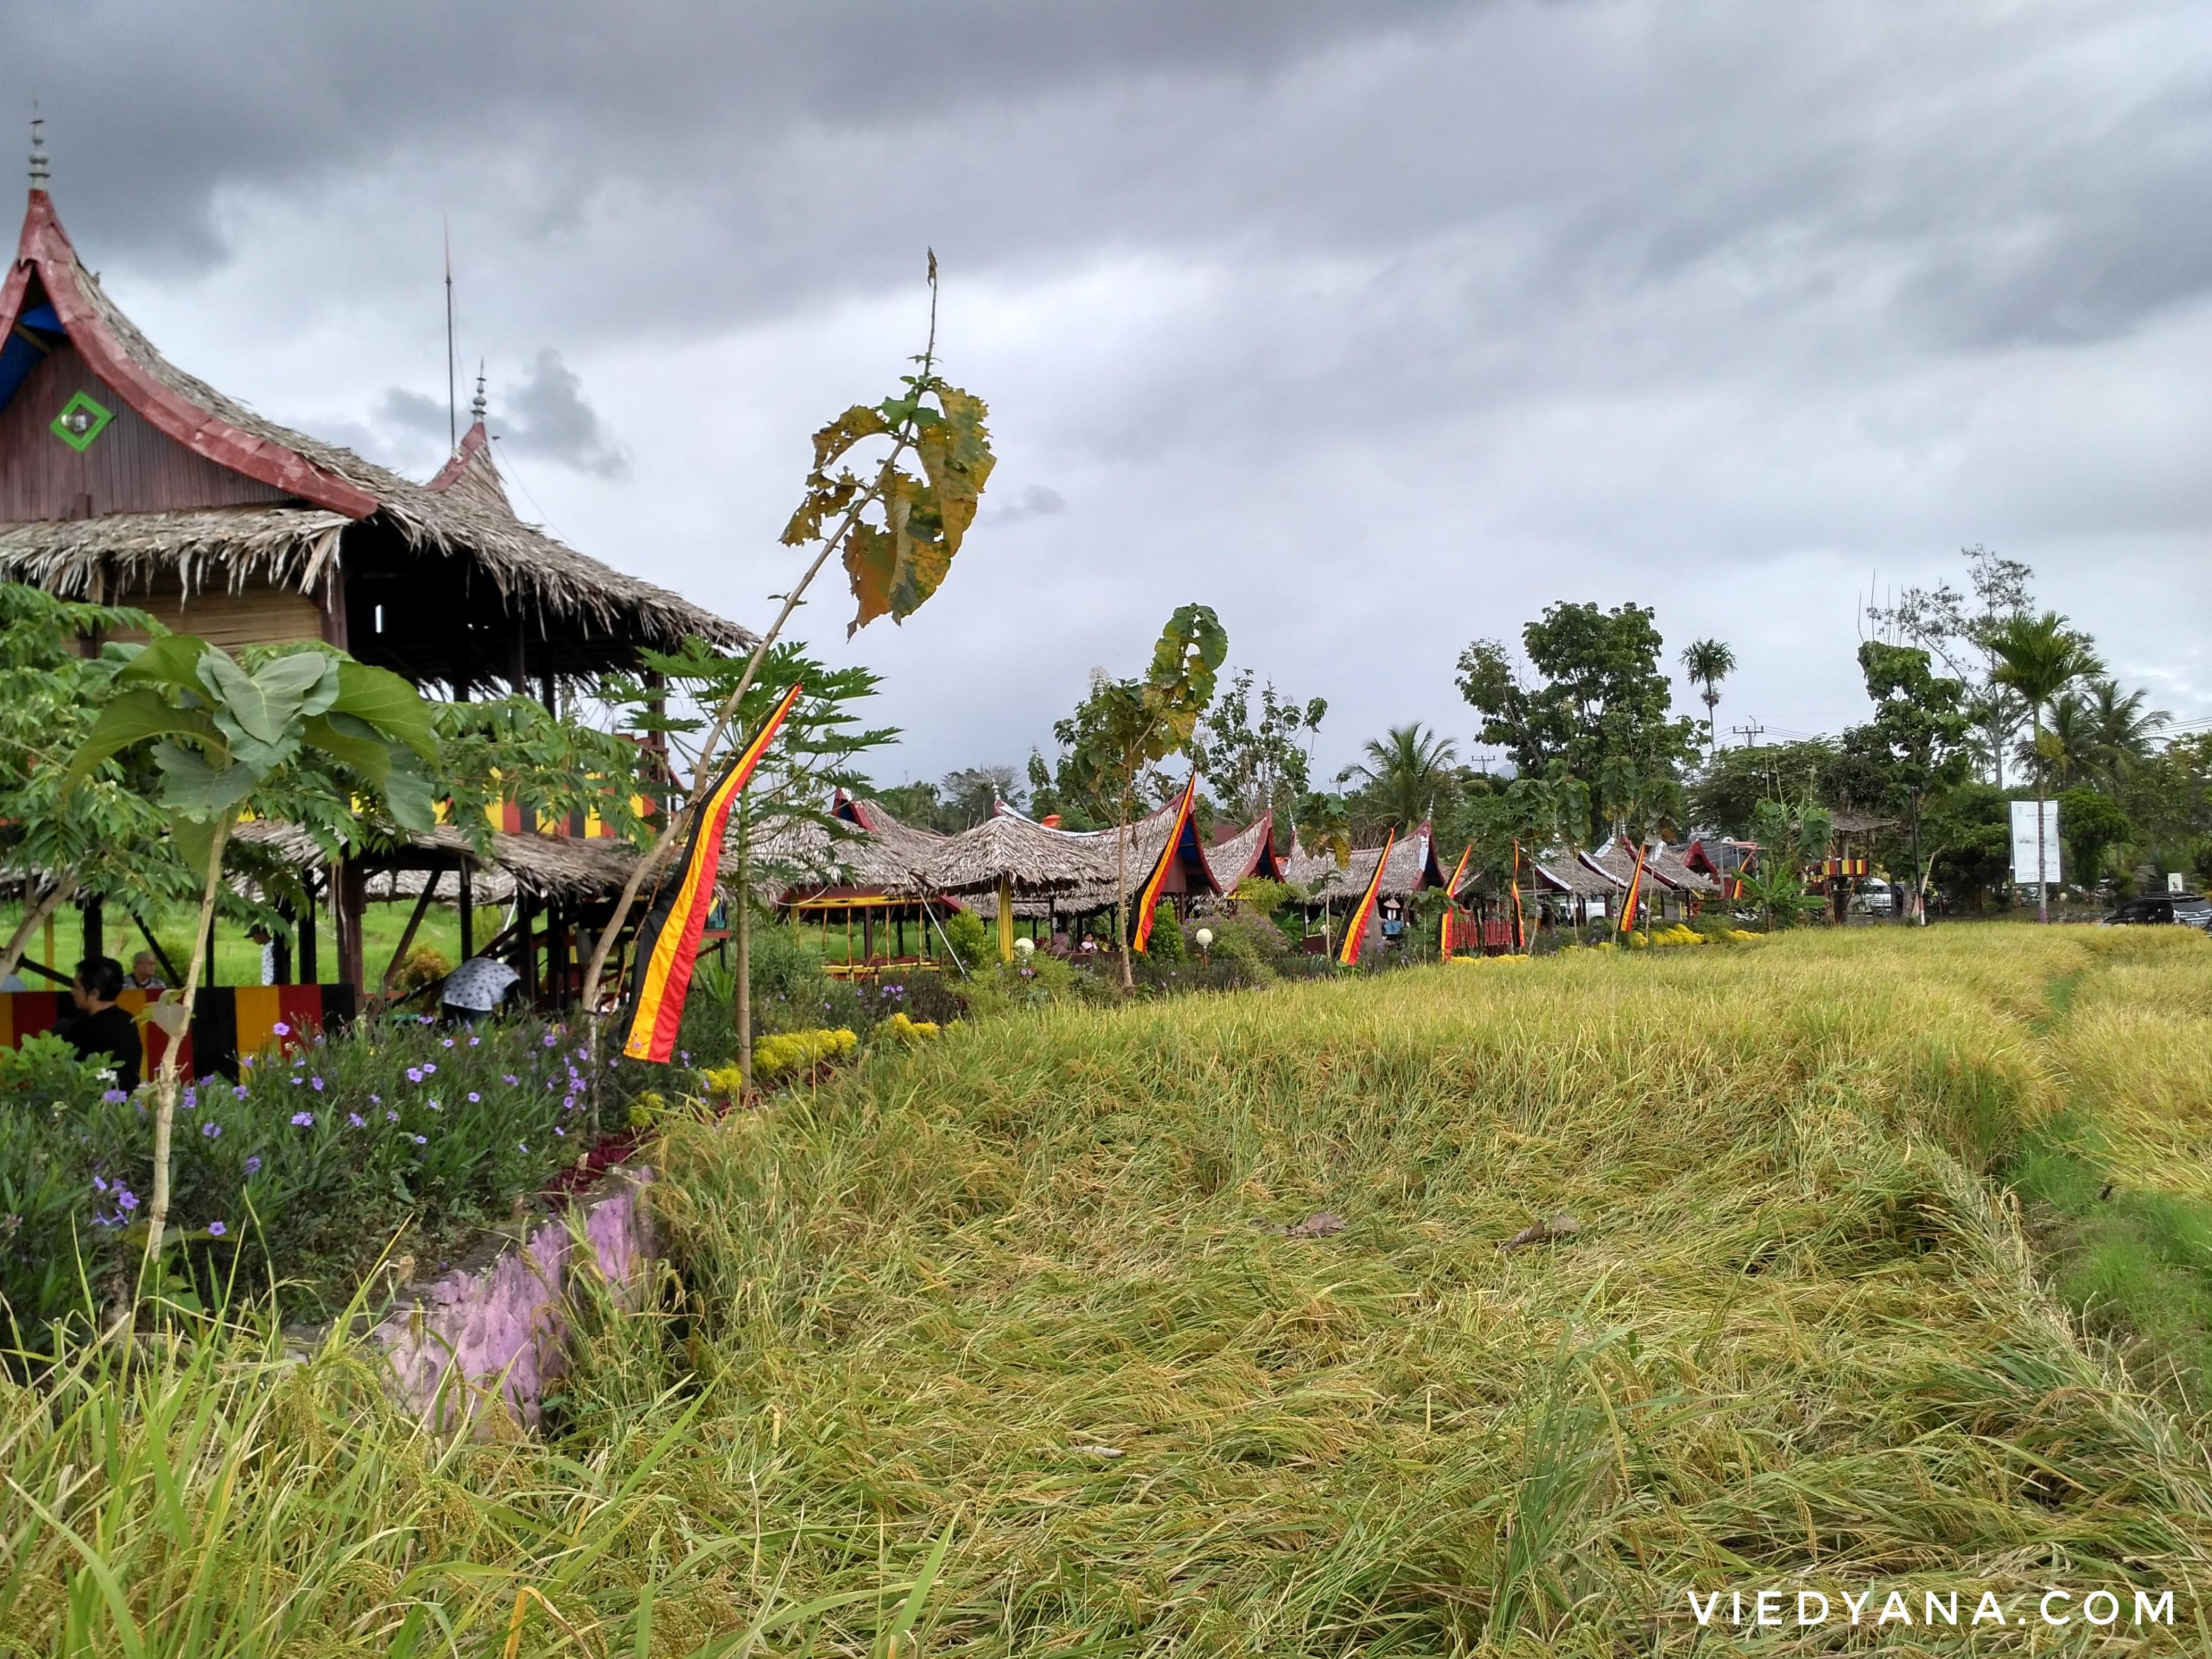 RoadTripMbokJastra#10: Makan Tangah Sawah di Dapua Amaak